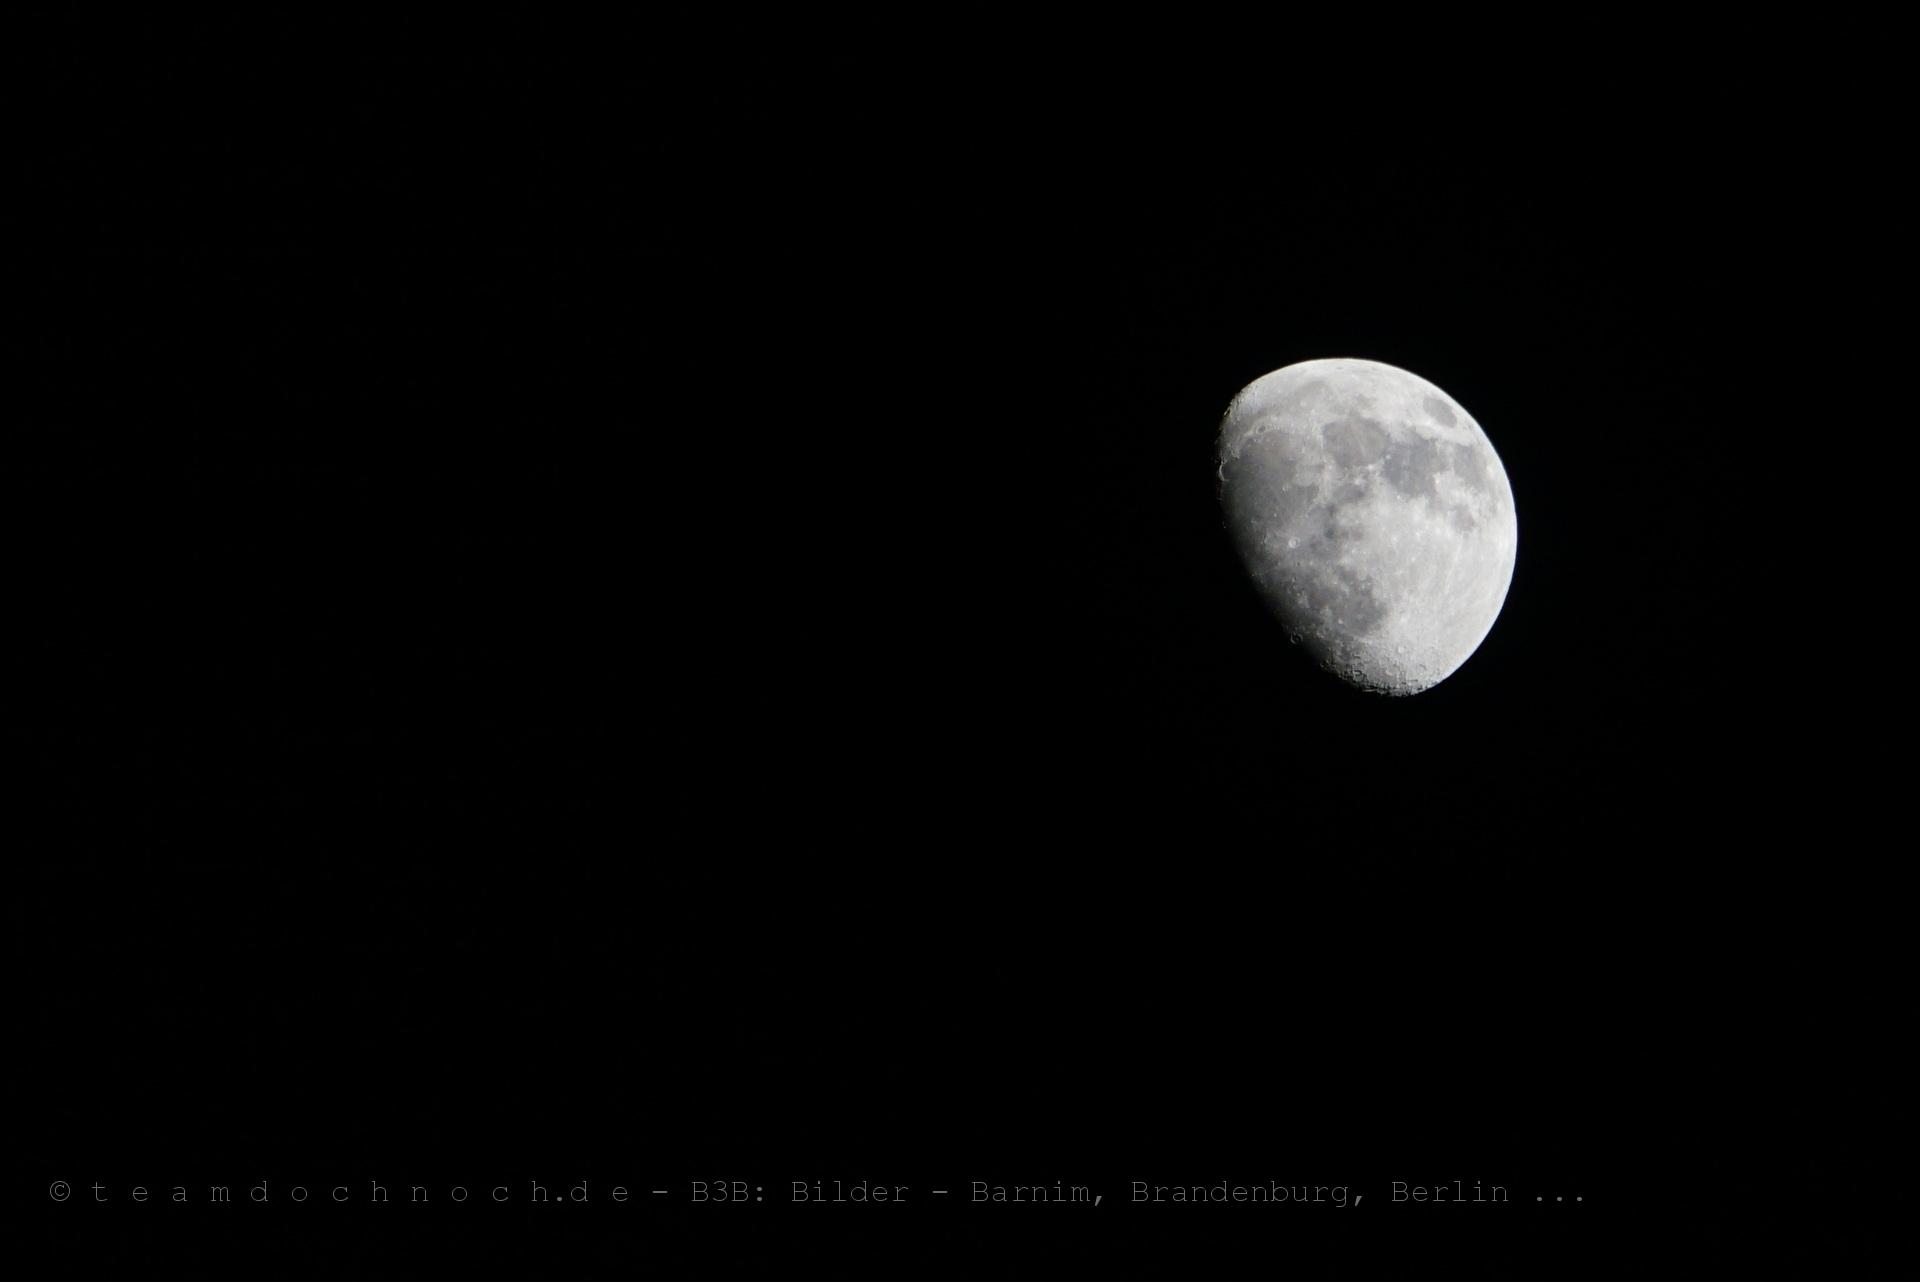 Ein zunehmender Mond über der Stadt